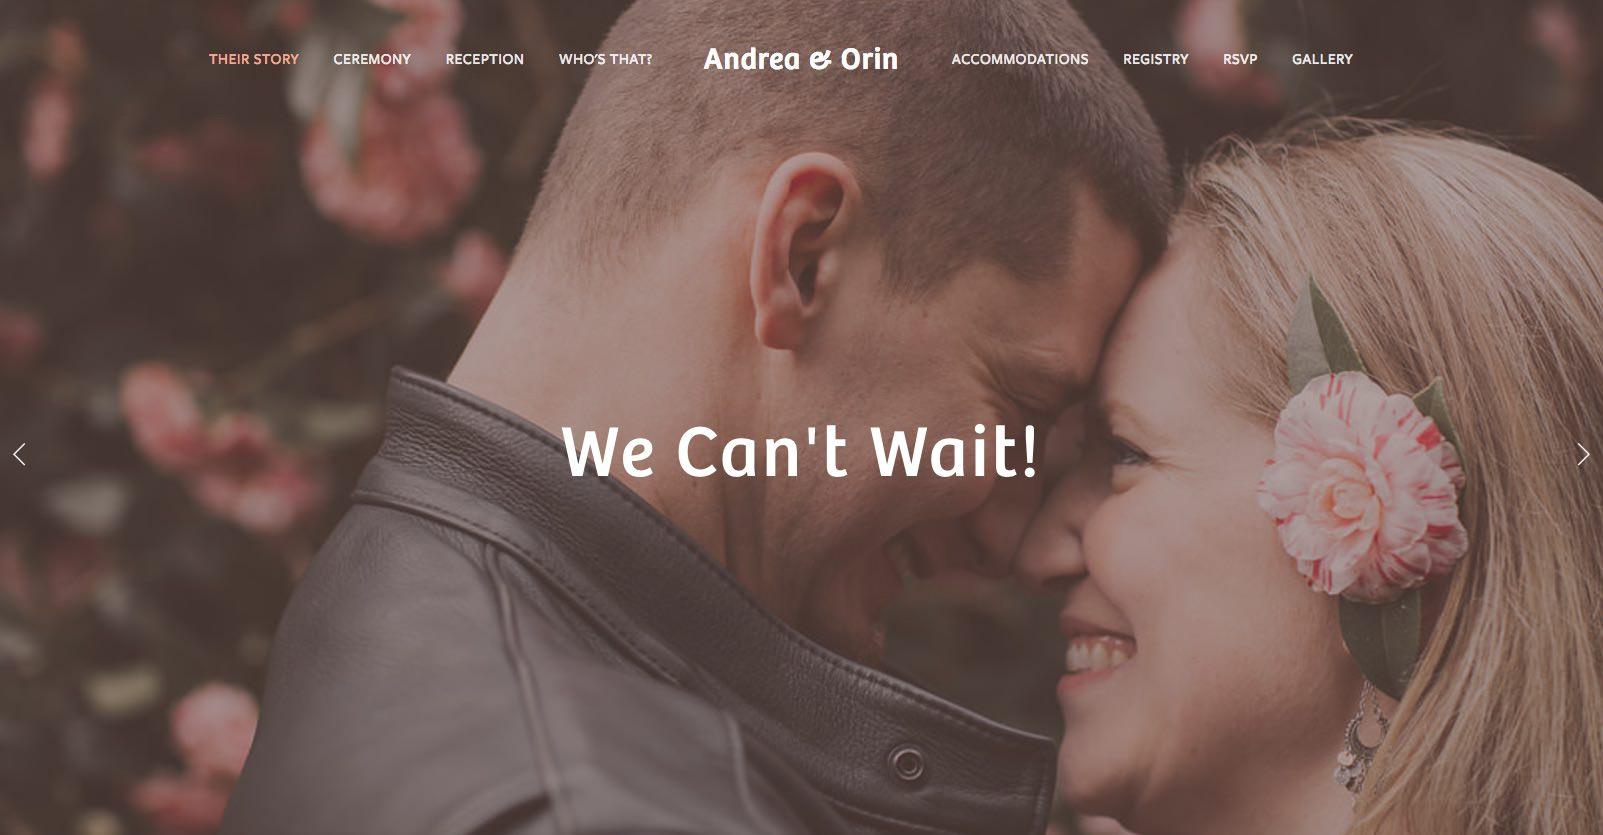 ANDREA & ORIN